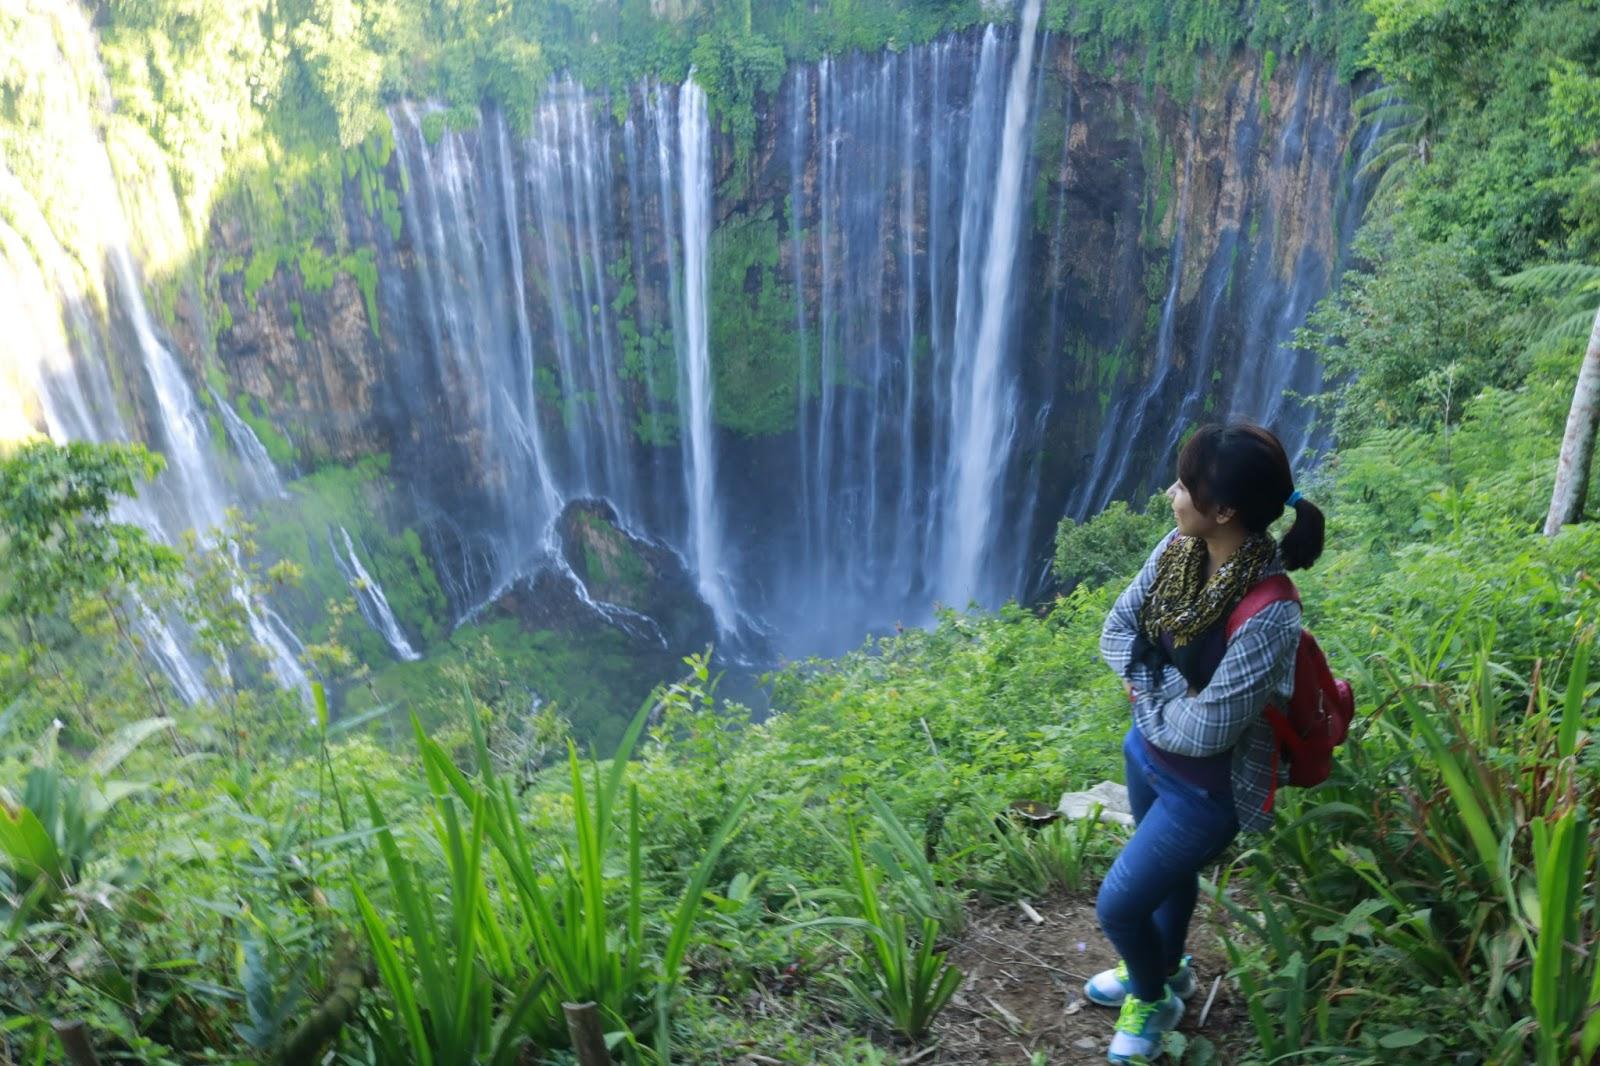 Warna Hidup Tashya Penasaran Kemegahan Air Terjun Niagara Indonesia Ayok Ke Air Terjun Tumpak Sewu Lumajang Jawa Timur